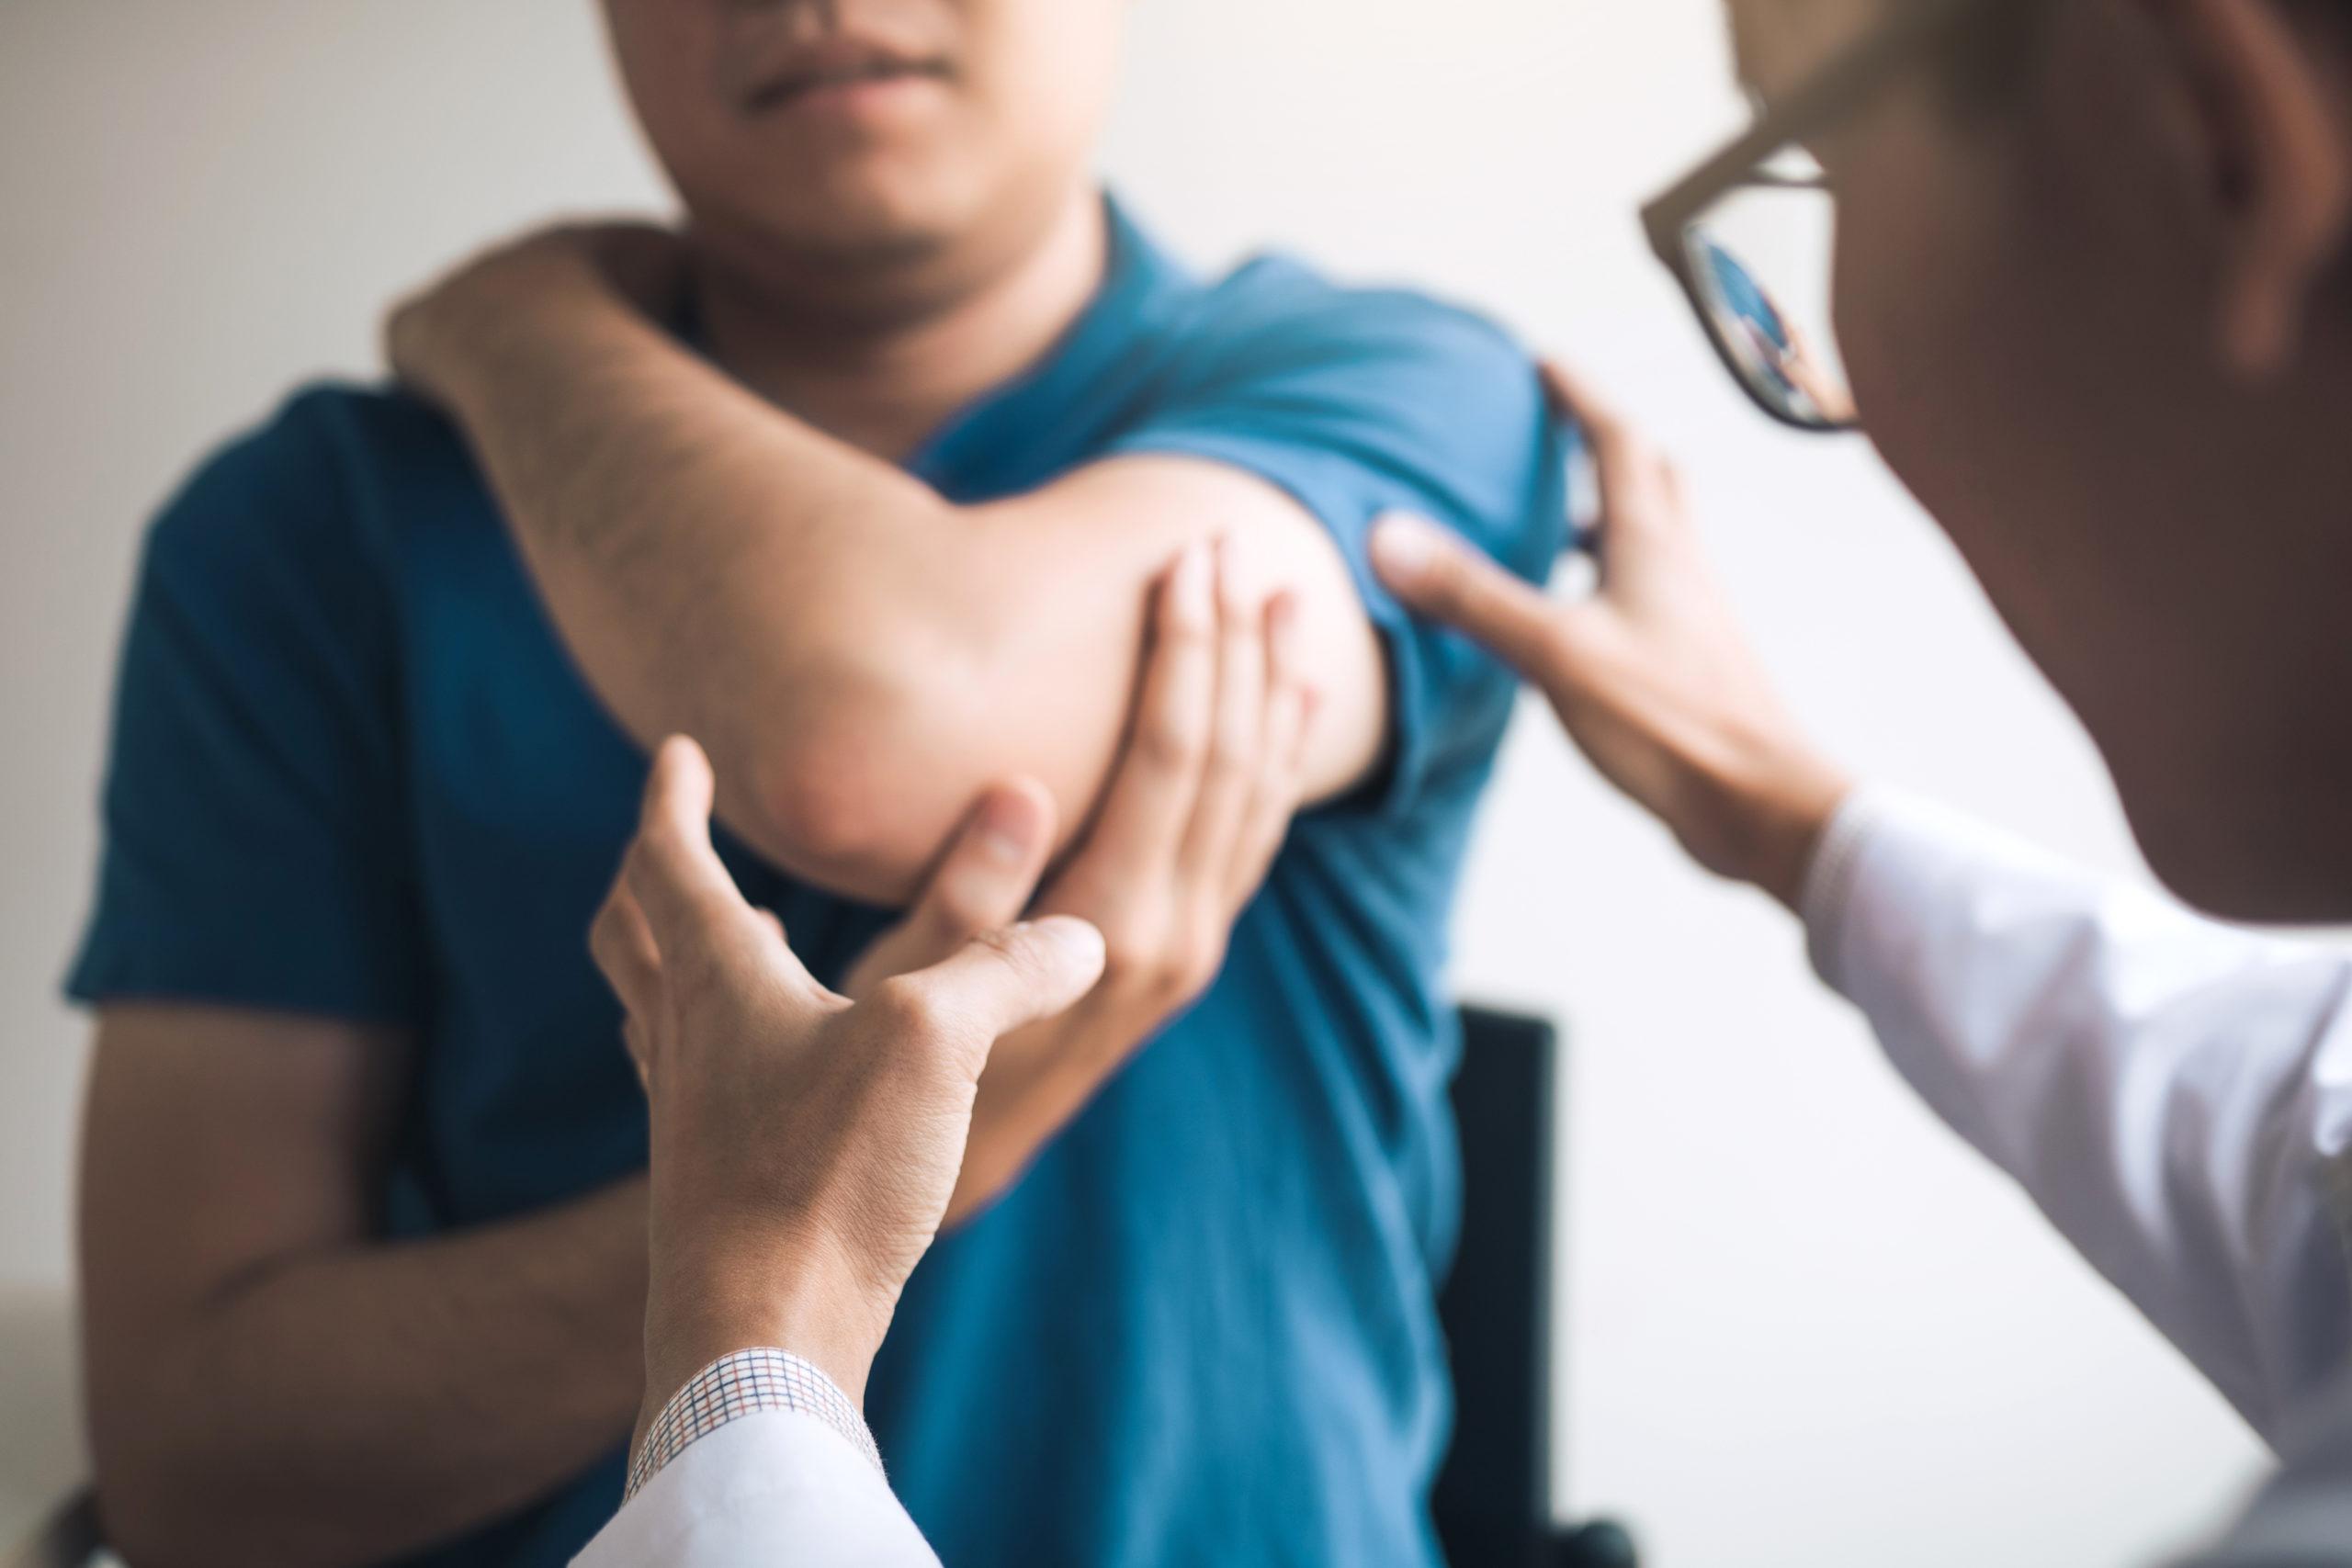 Comment définir l'ostéoporose?